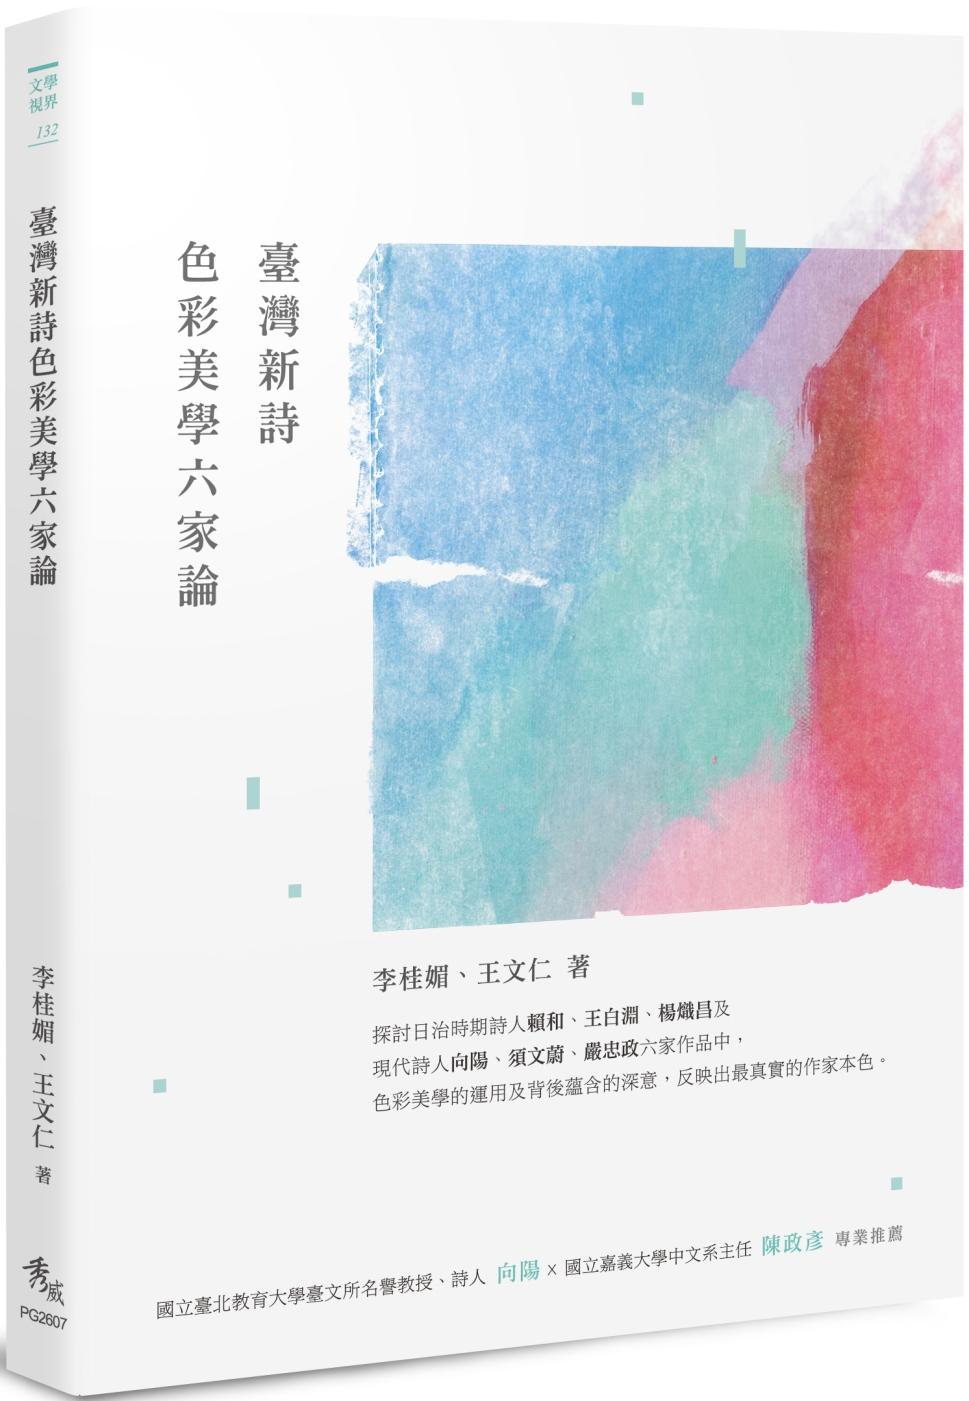 臺灣新詩色彩美學六家論